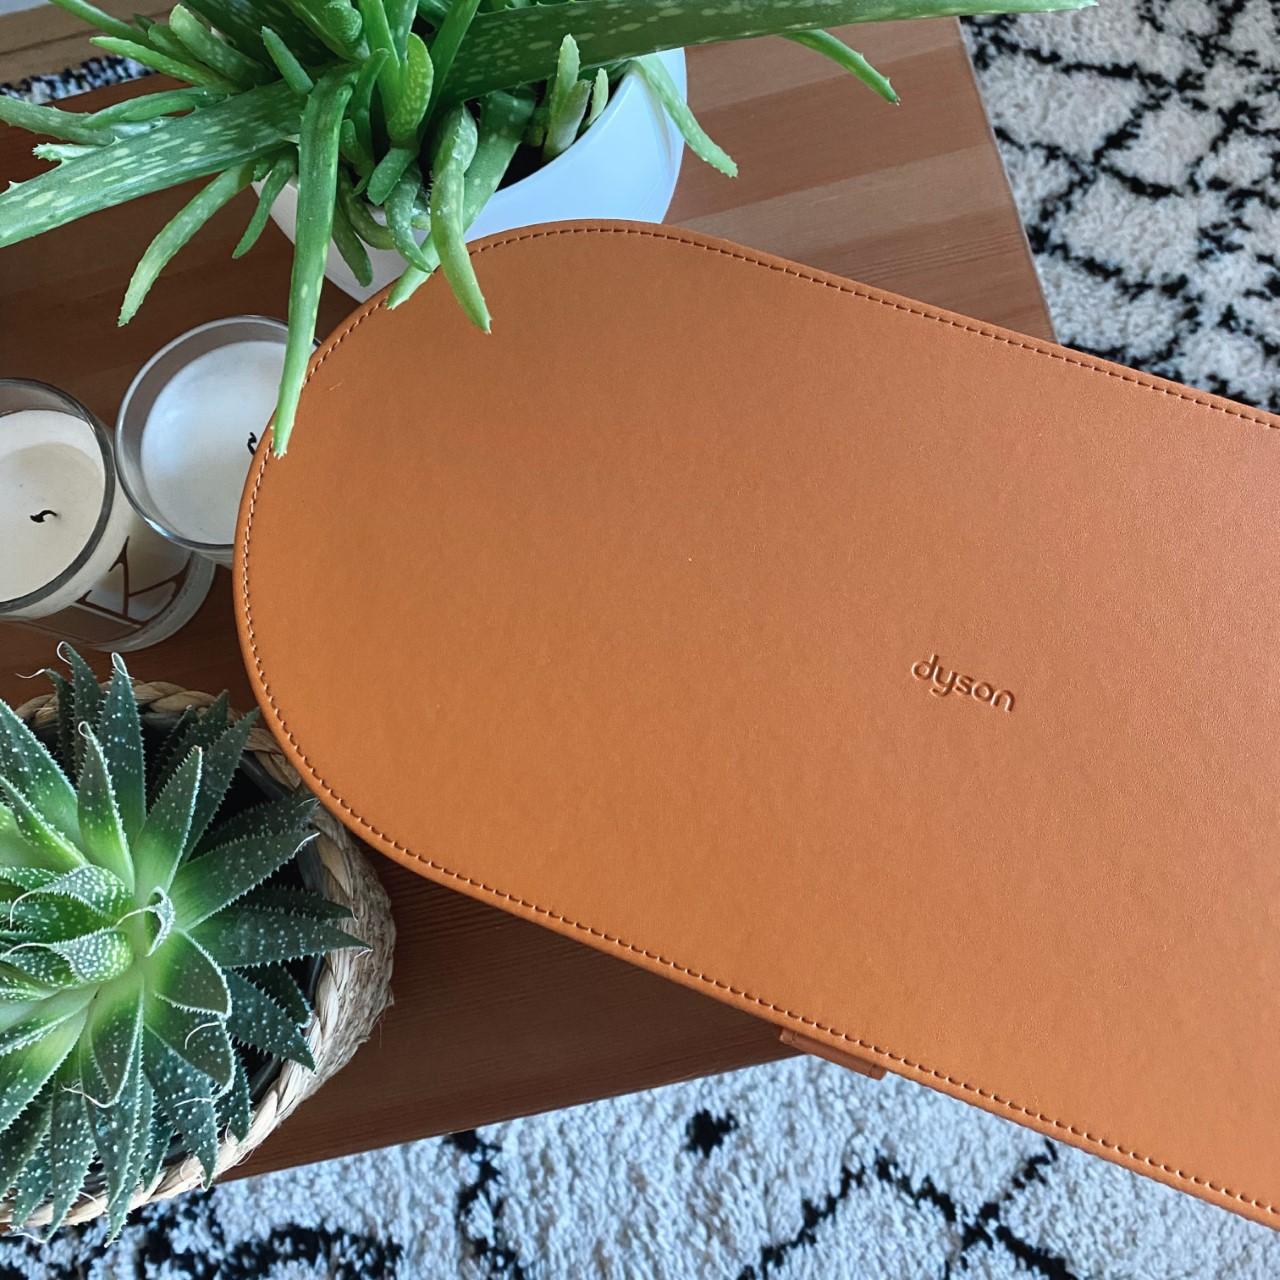 Dyson Airwrap box in tan